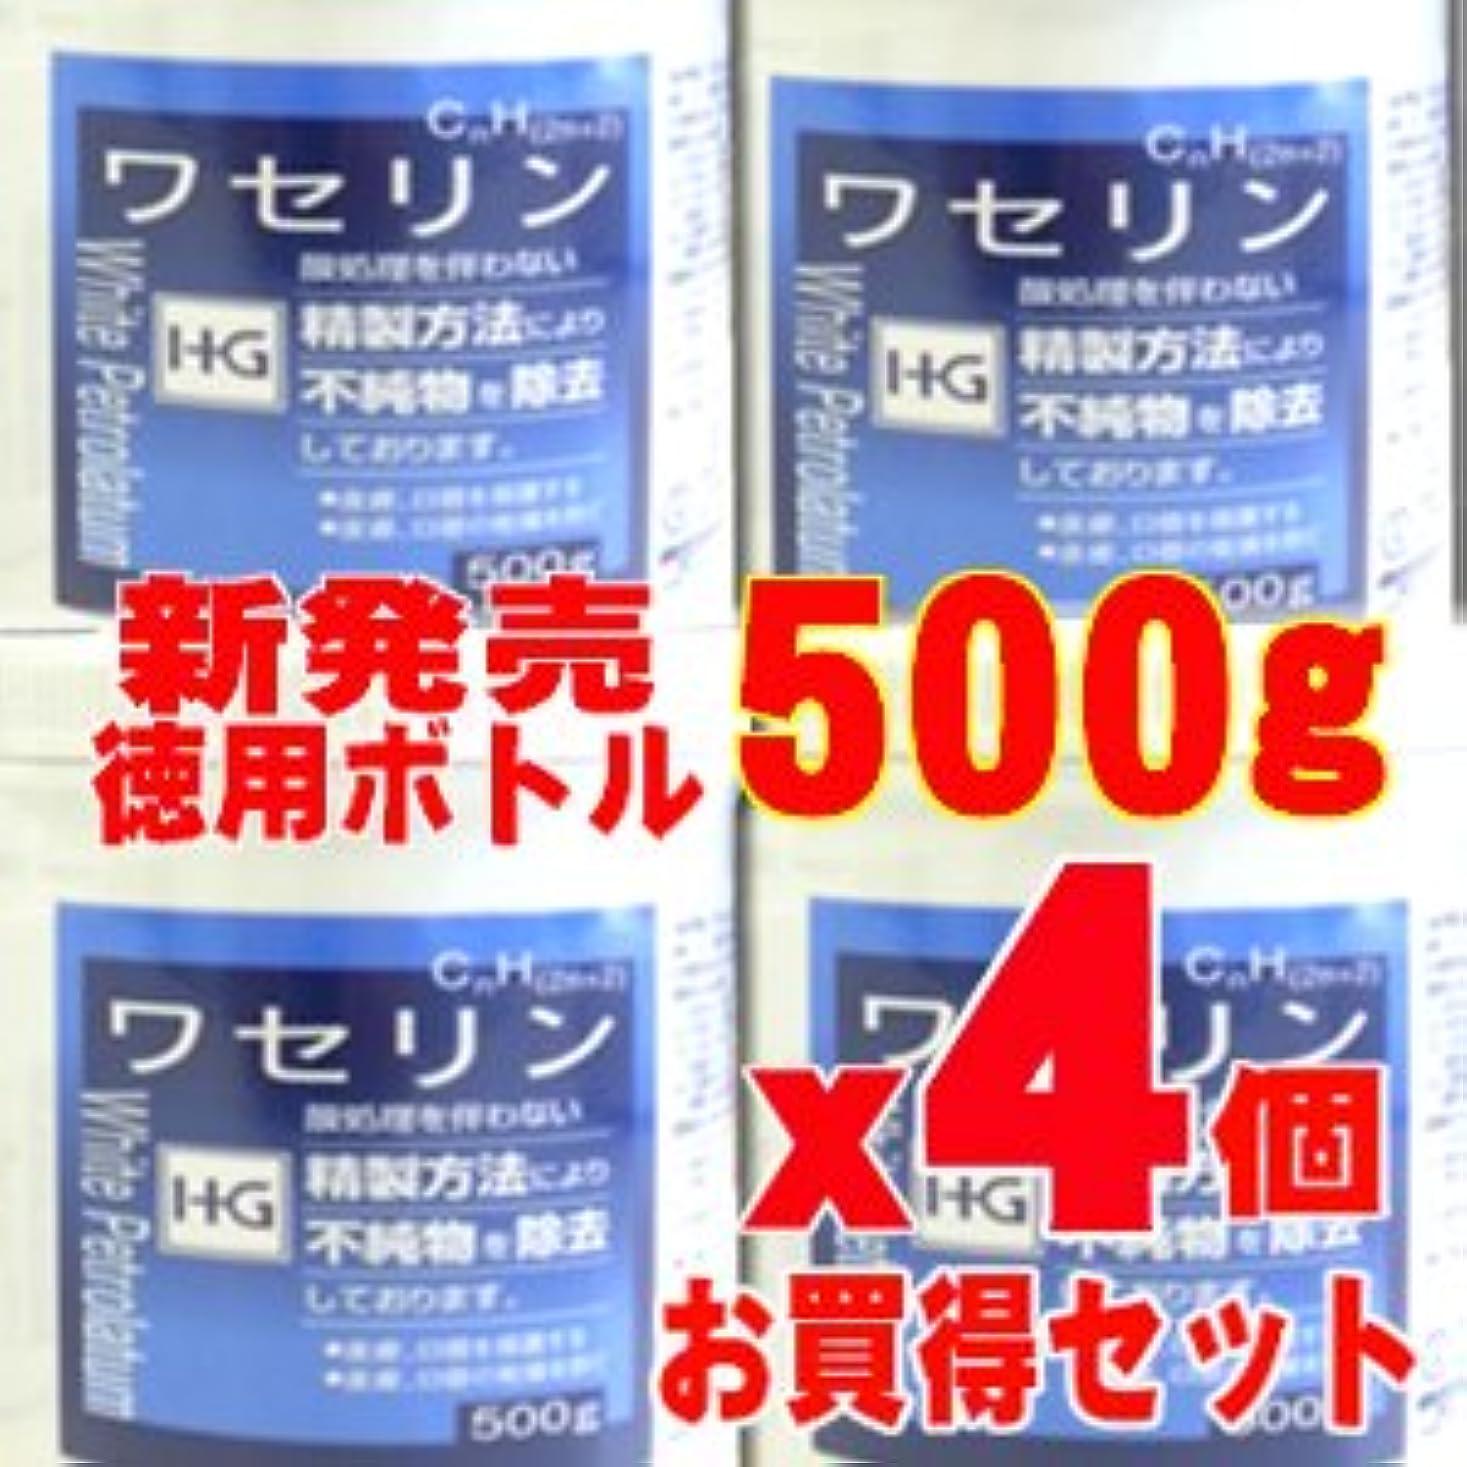 エピソードフォーマル中央【敏感肌の方に最適!】皮膚保護 ワセリンHG 徳用500gx4個セット